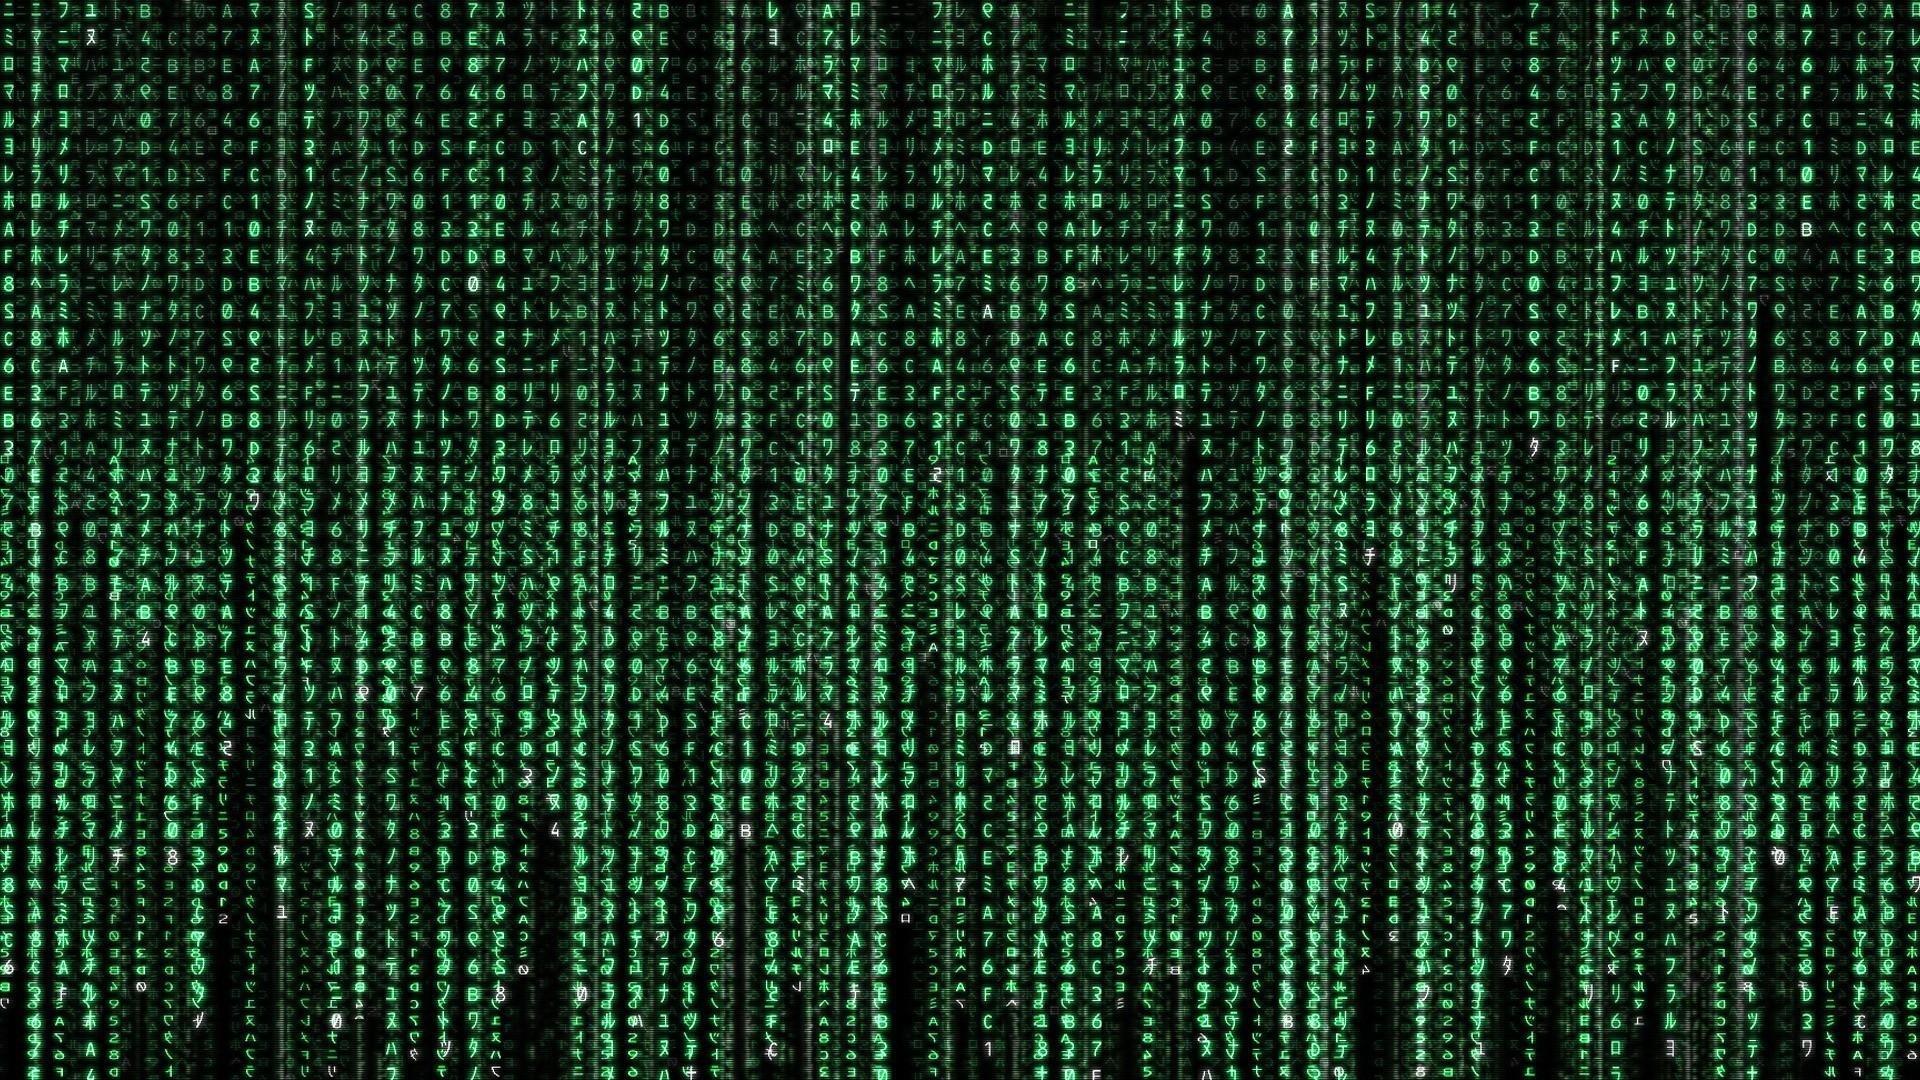 Matrix Wallpaper Image